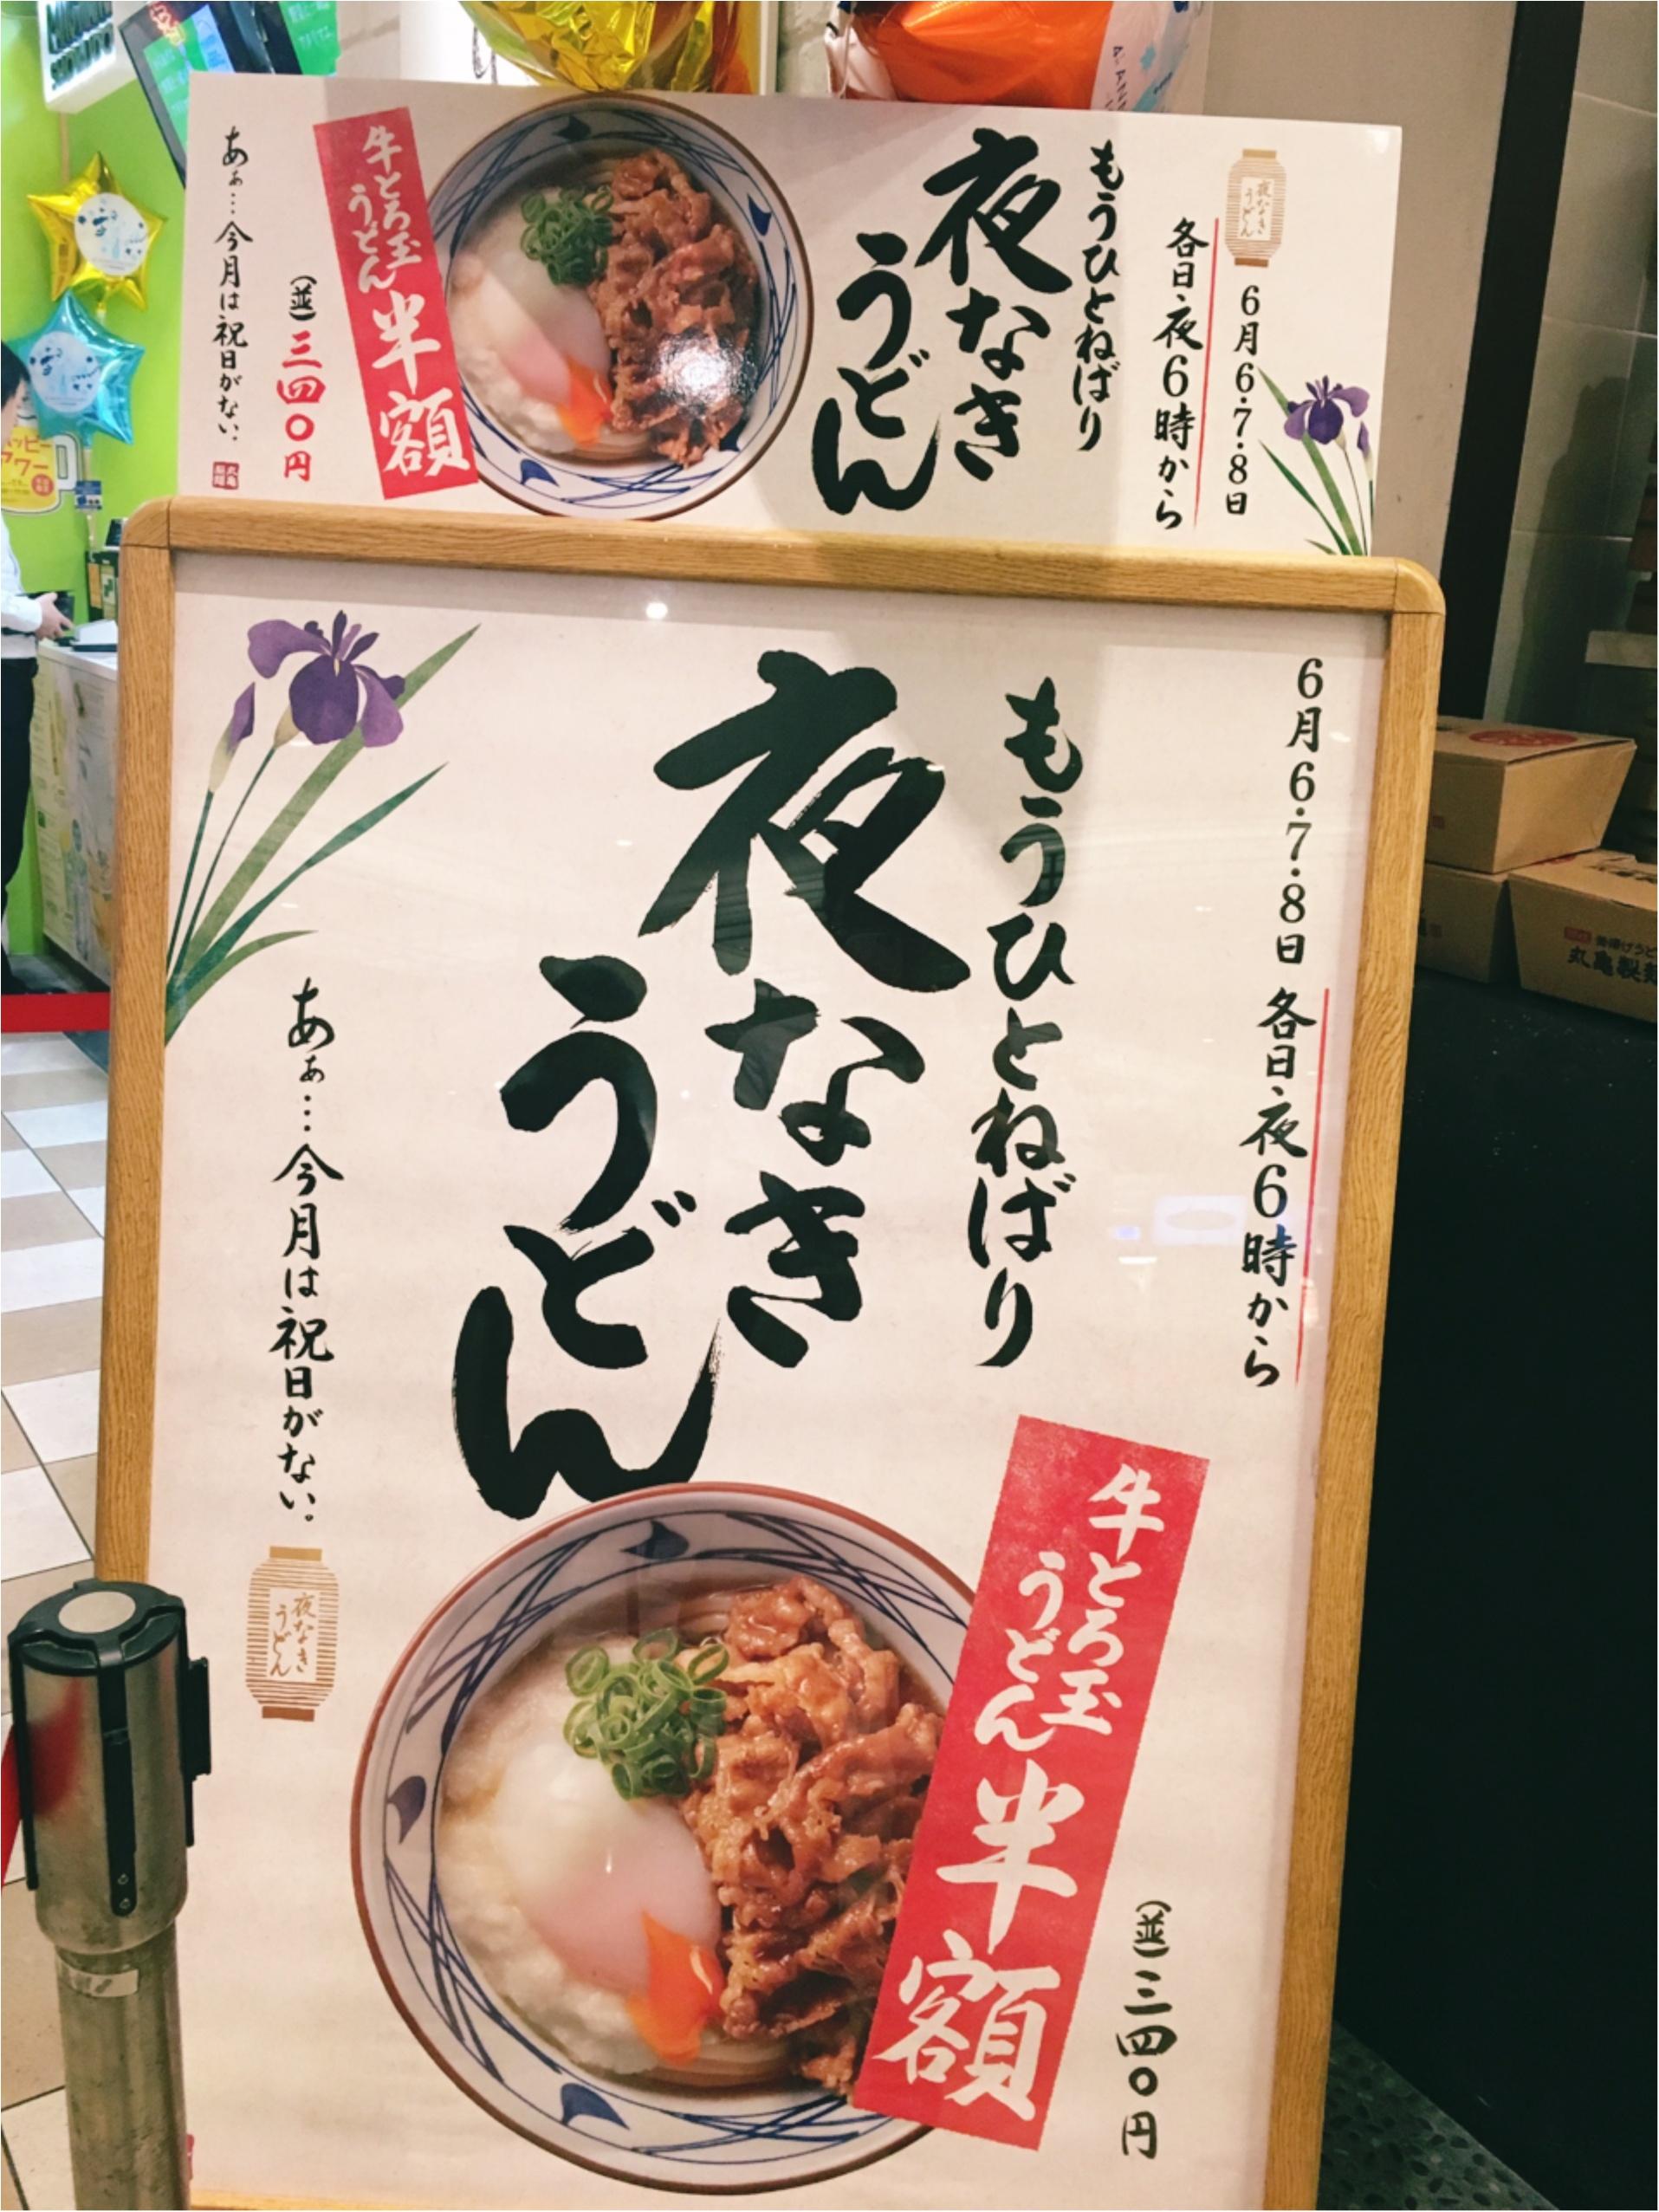 【6/8まで!】丸亀製麺牛とろ玉うどんが半額になる条件とは?_3